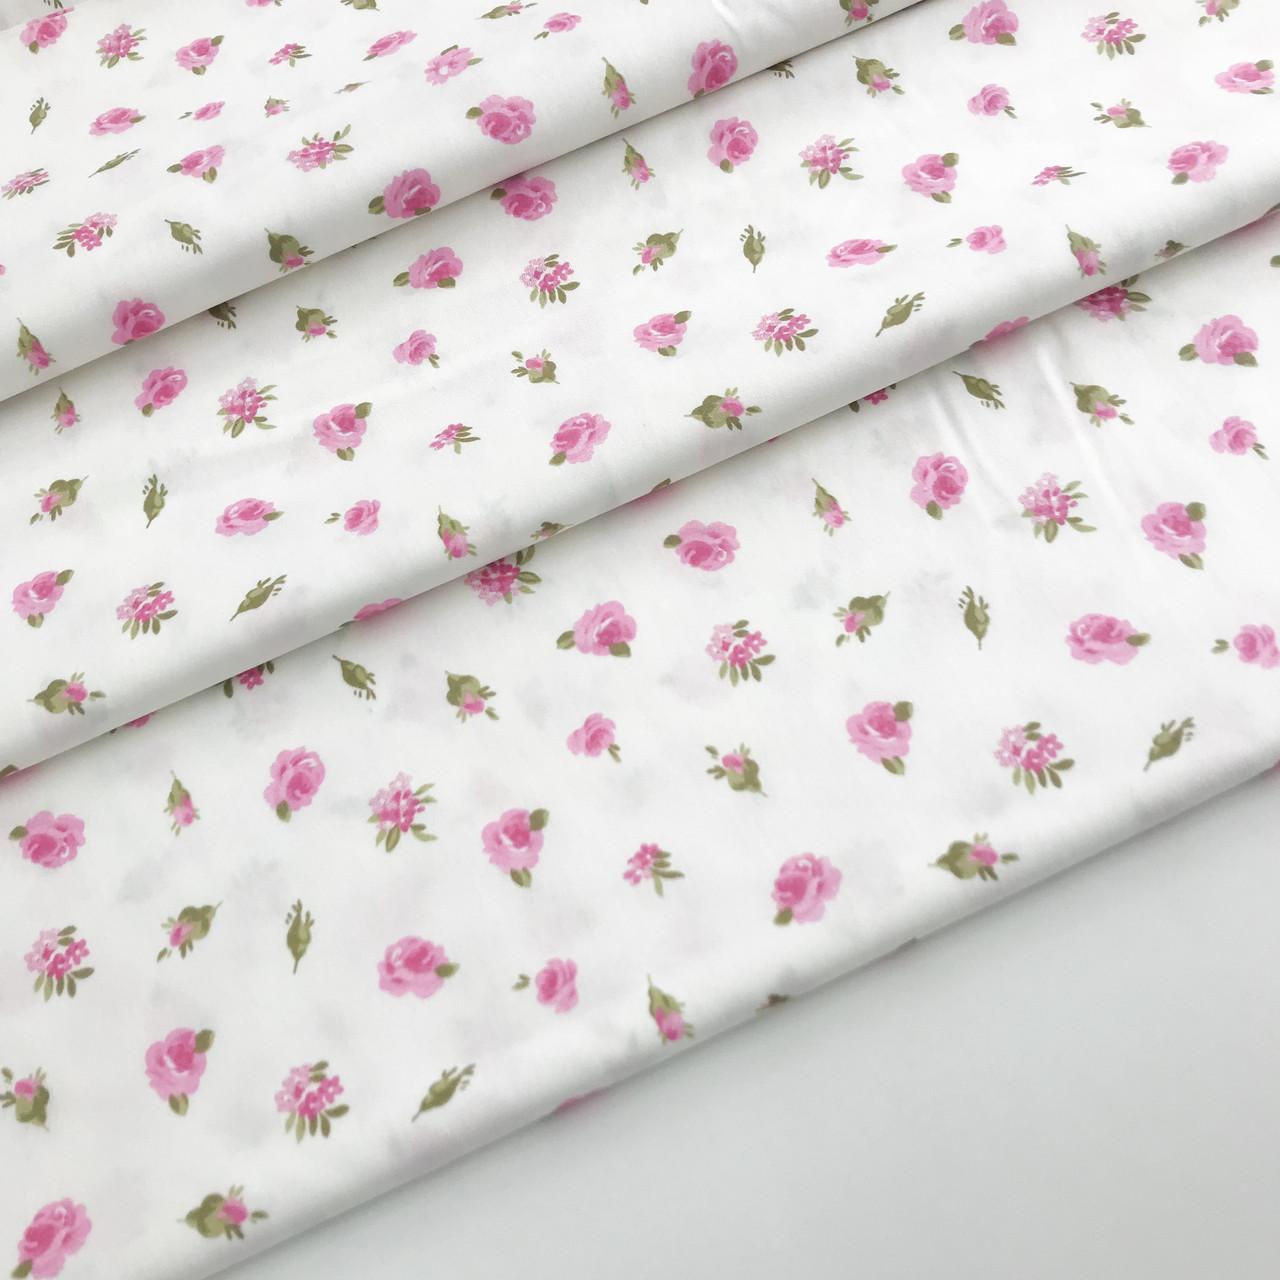 """Сатин """"квіточки дрібні на білому"""" 160"""